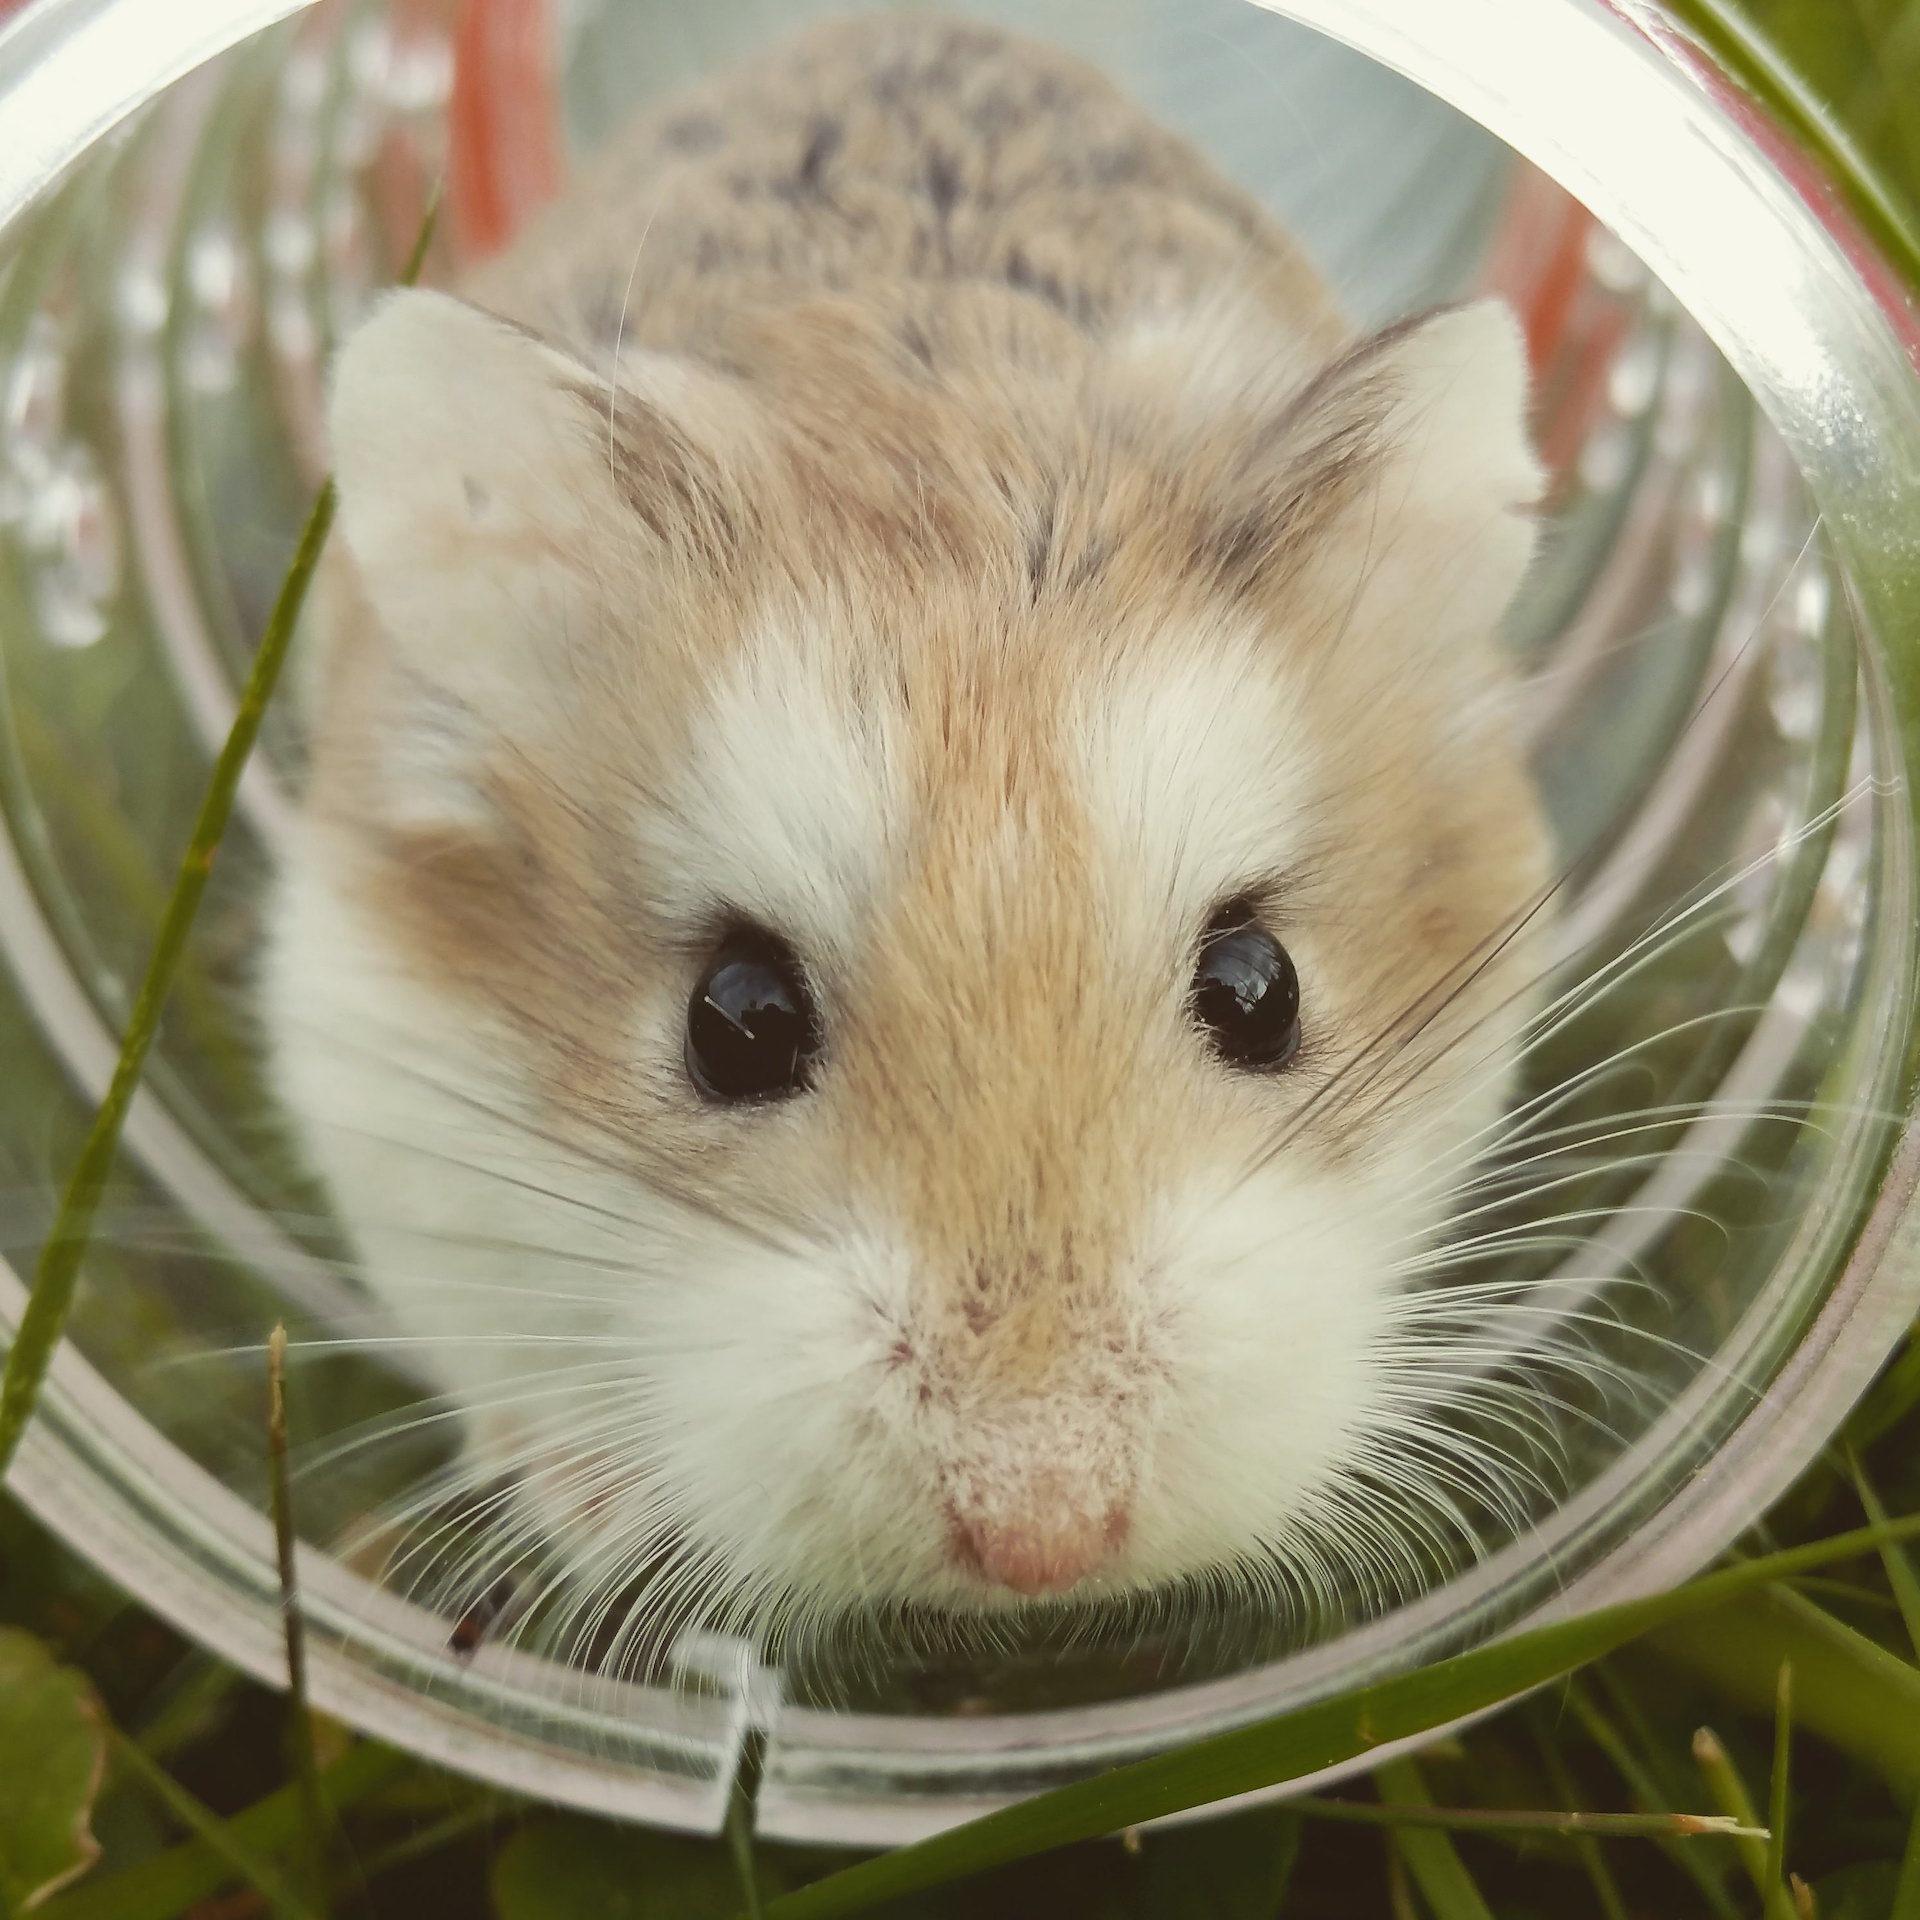 мышь, поле, трубка, Домашнее животное, грызун - Обои HD - Профессор falken.com